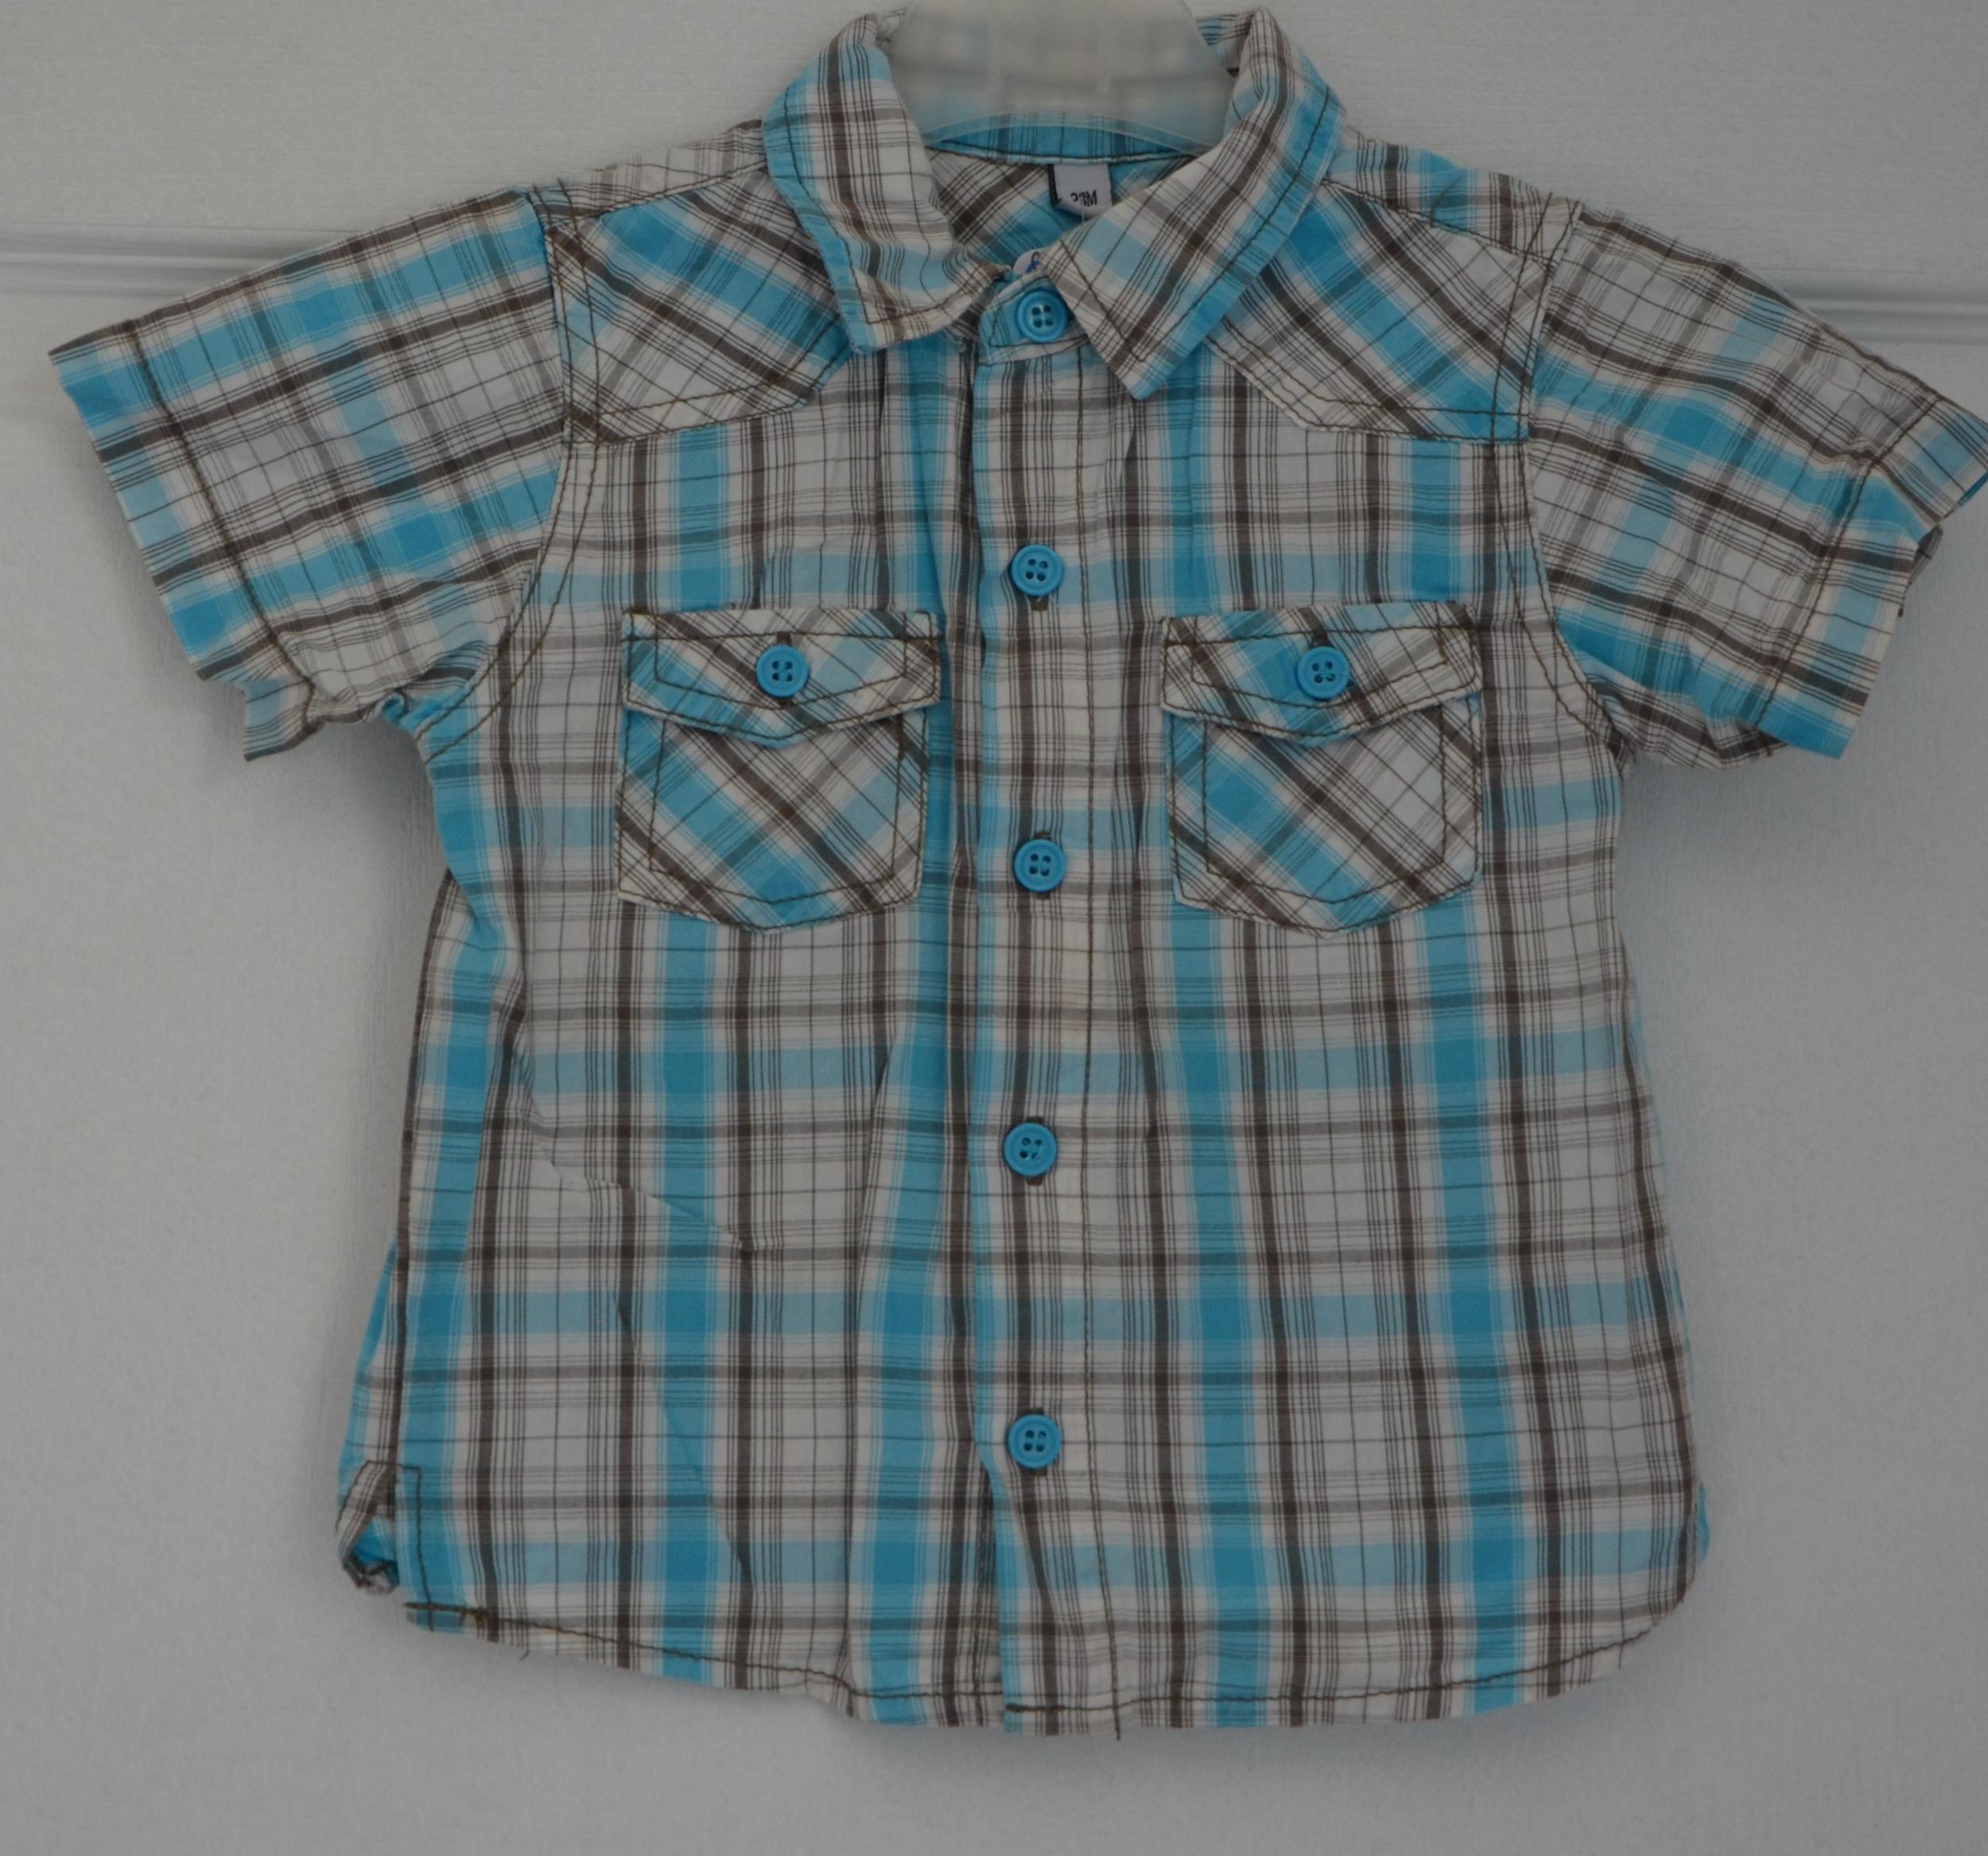 chemisette bleu marron carreaux garçon 23 mois sans marque